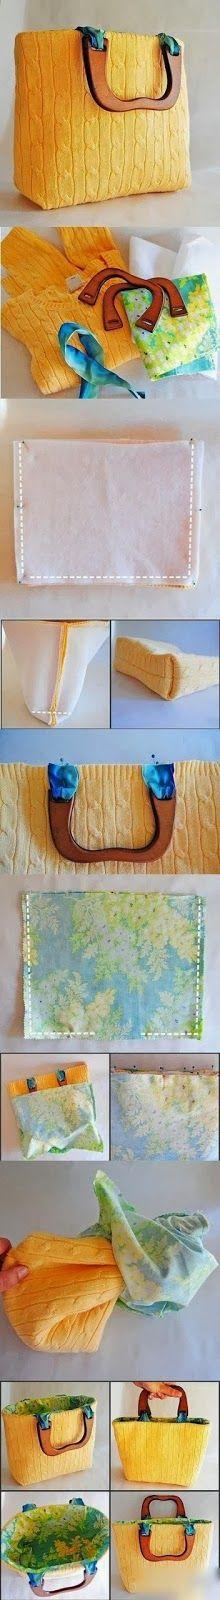 riciclo creativo vecchio maglione 15